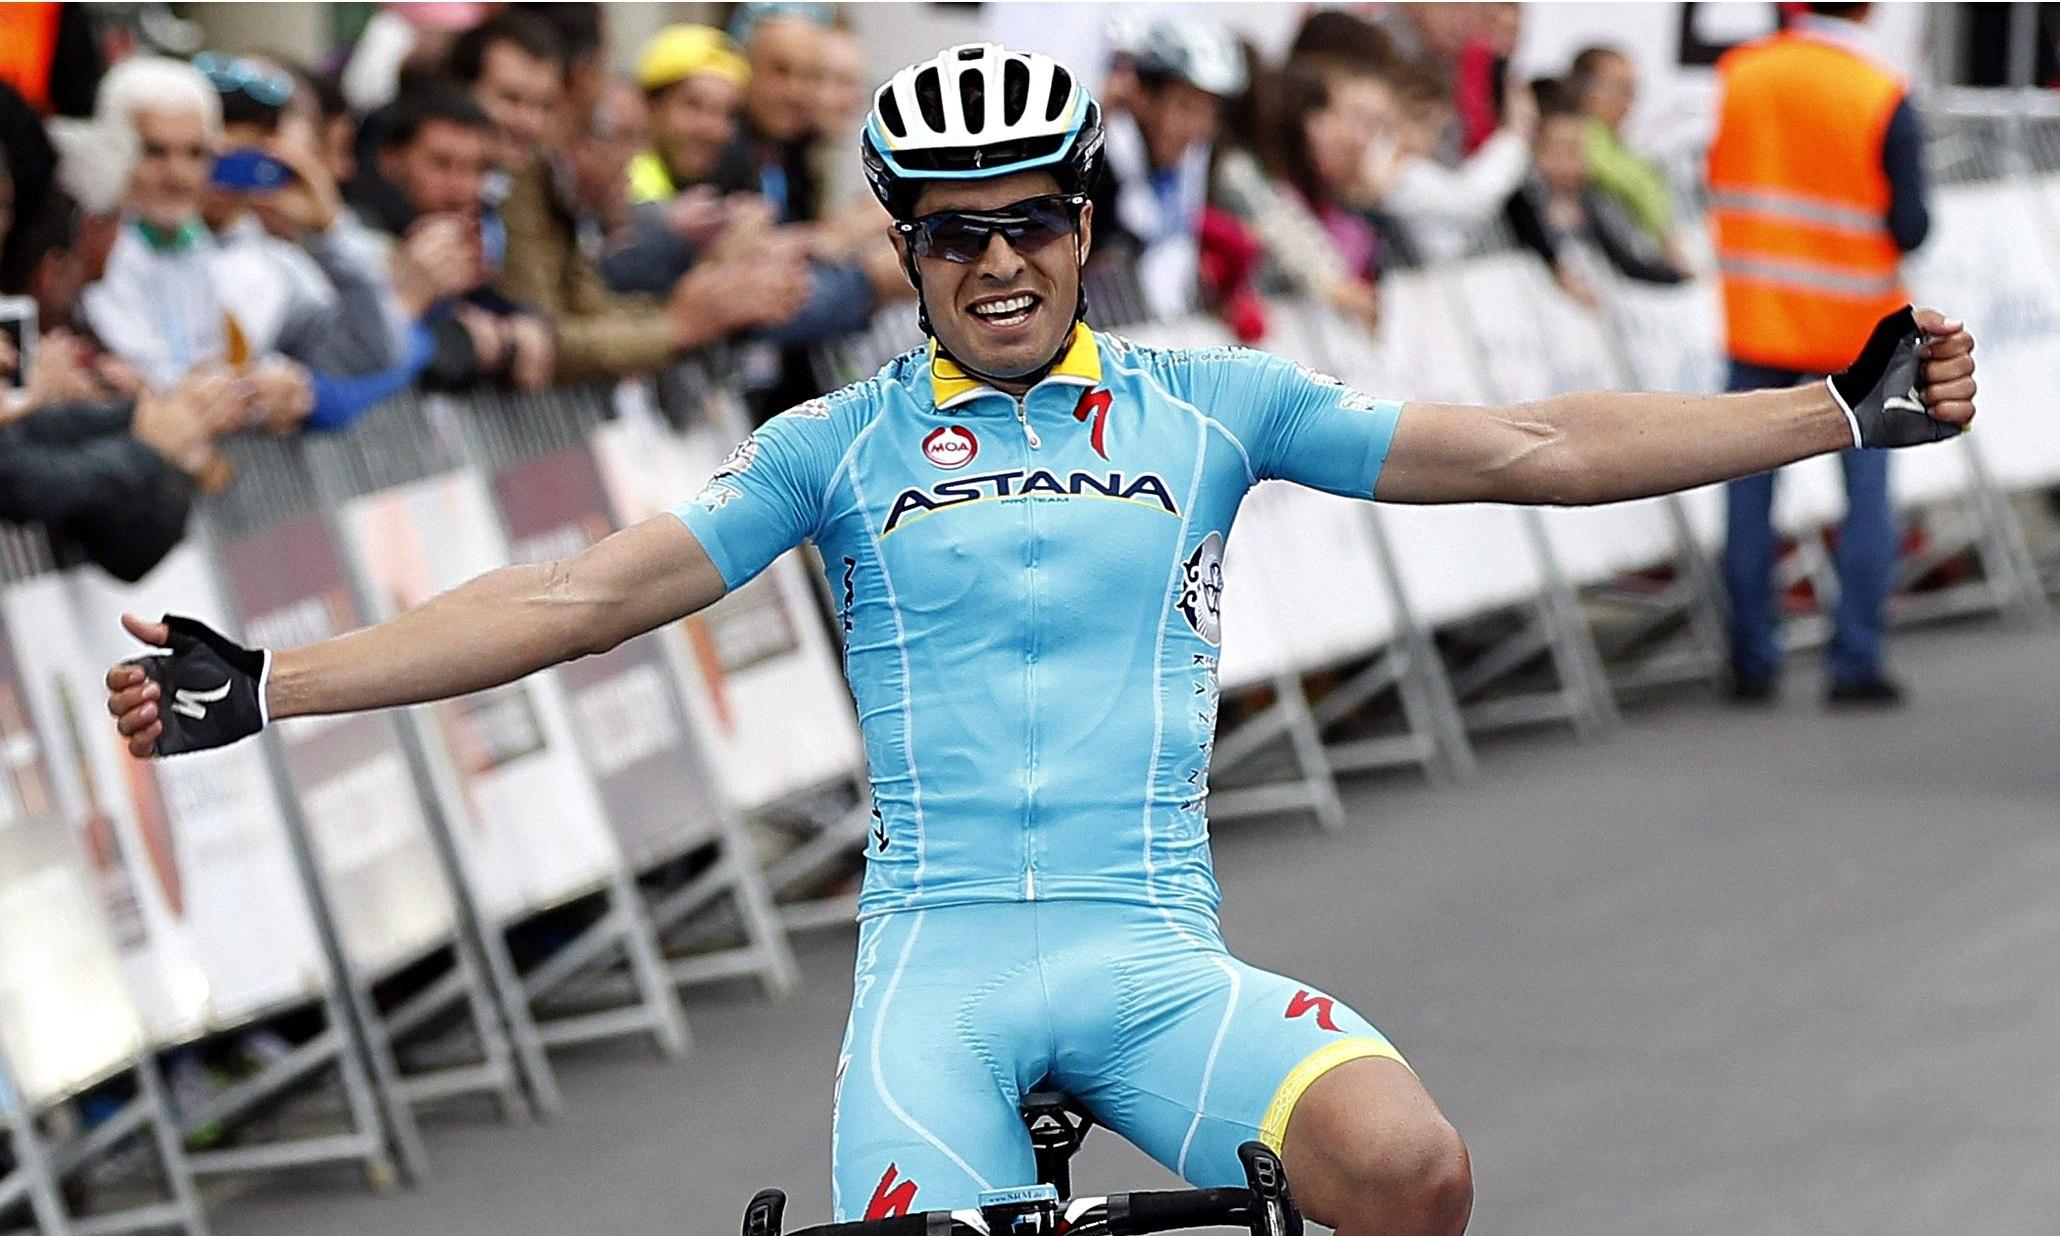 Španiel má výborn´ý doterajší priebeh sezóny, zvíťazil aj v 5. etape Okolo Baskicka